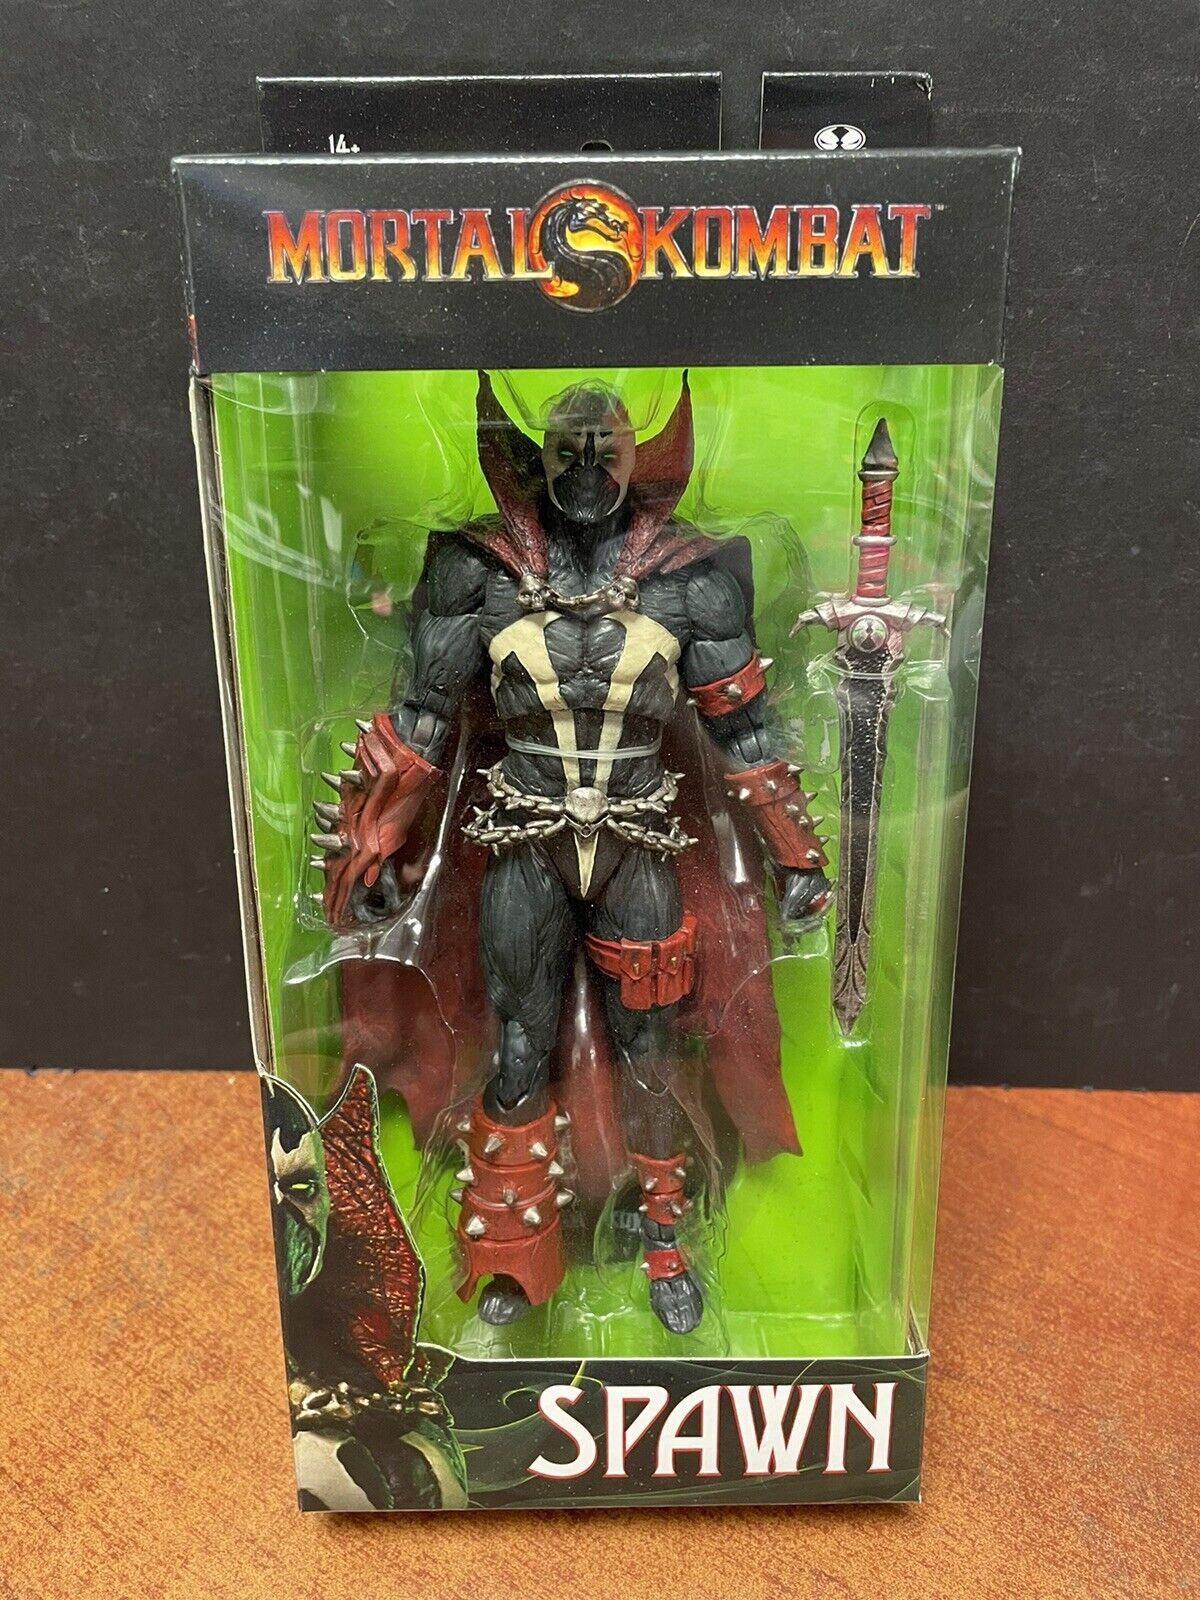 Mcfarlane Mortal Kombat Spawn Action Figure EMF6785 on eBay thumbnail